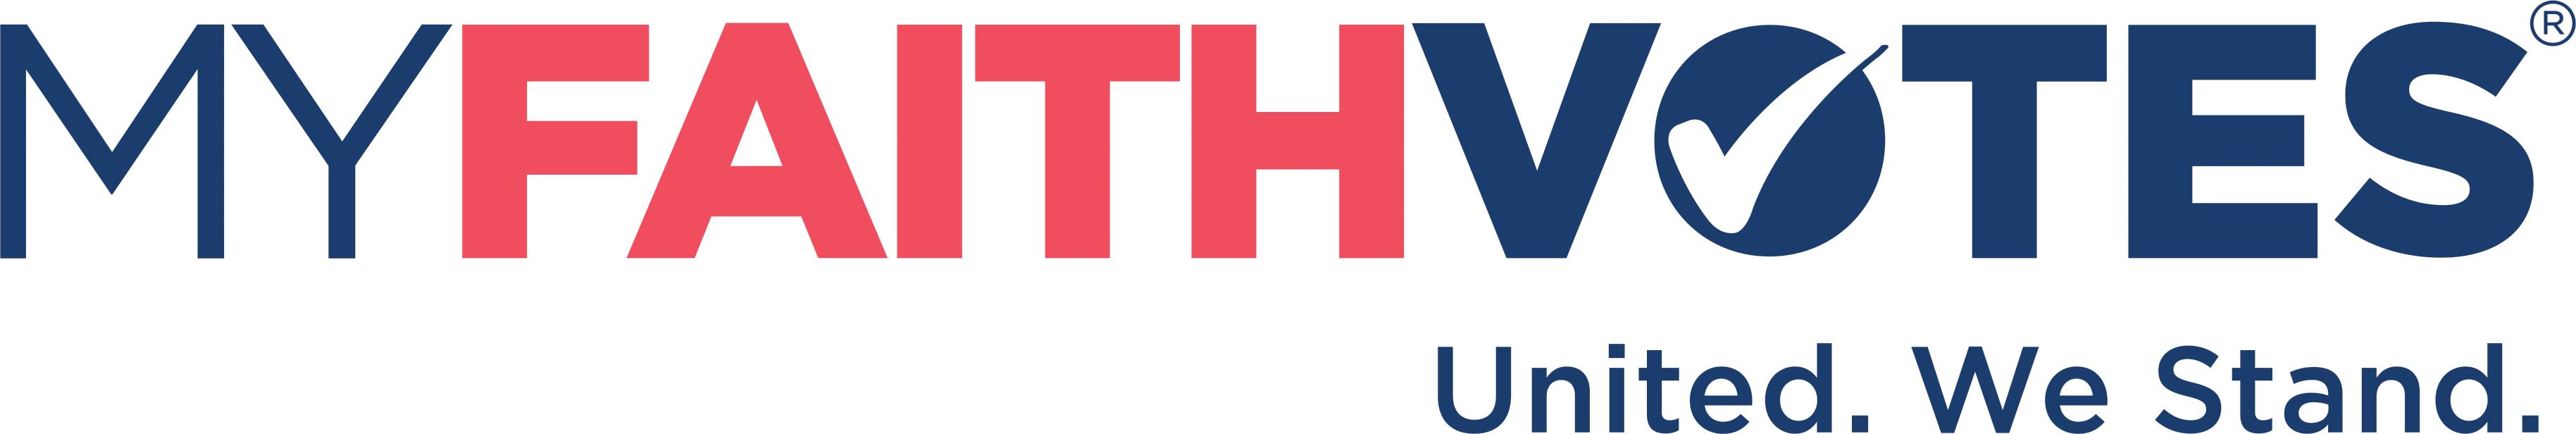 mfv-logo-color.png